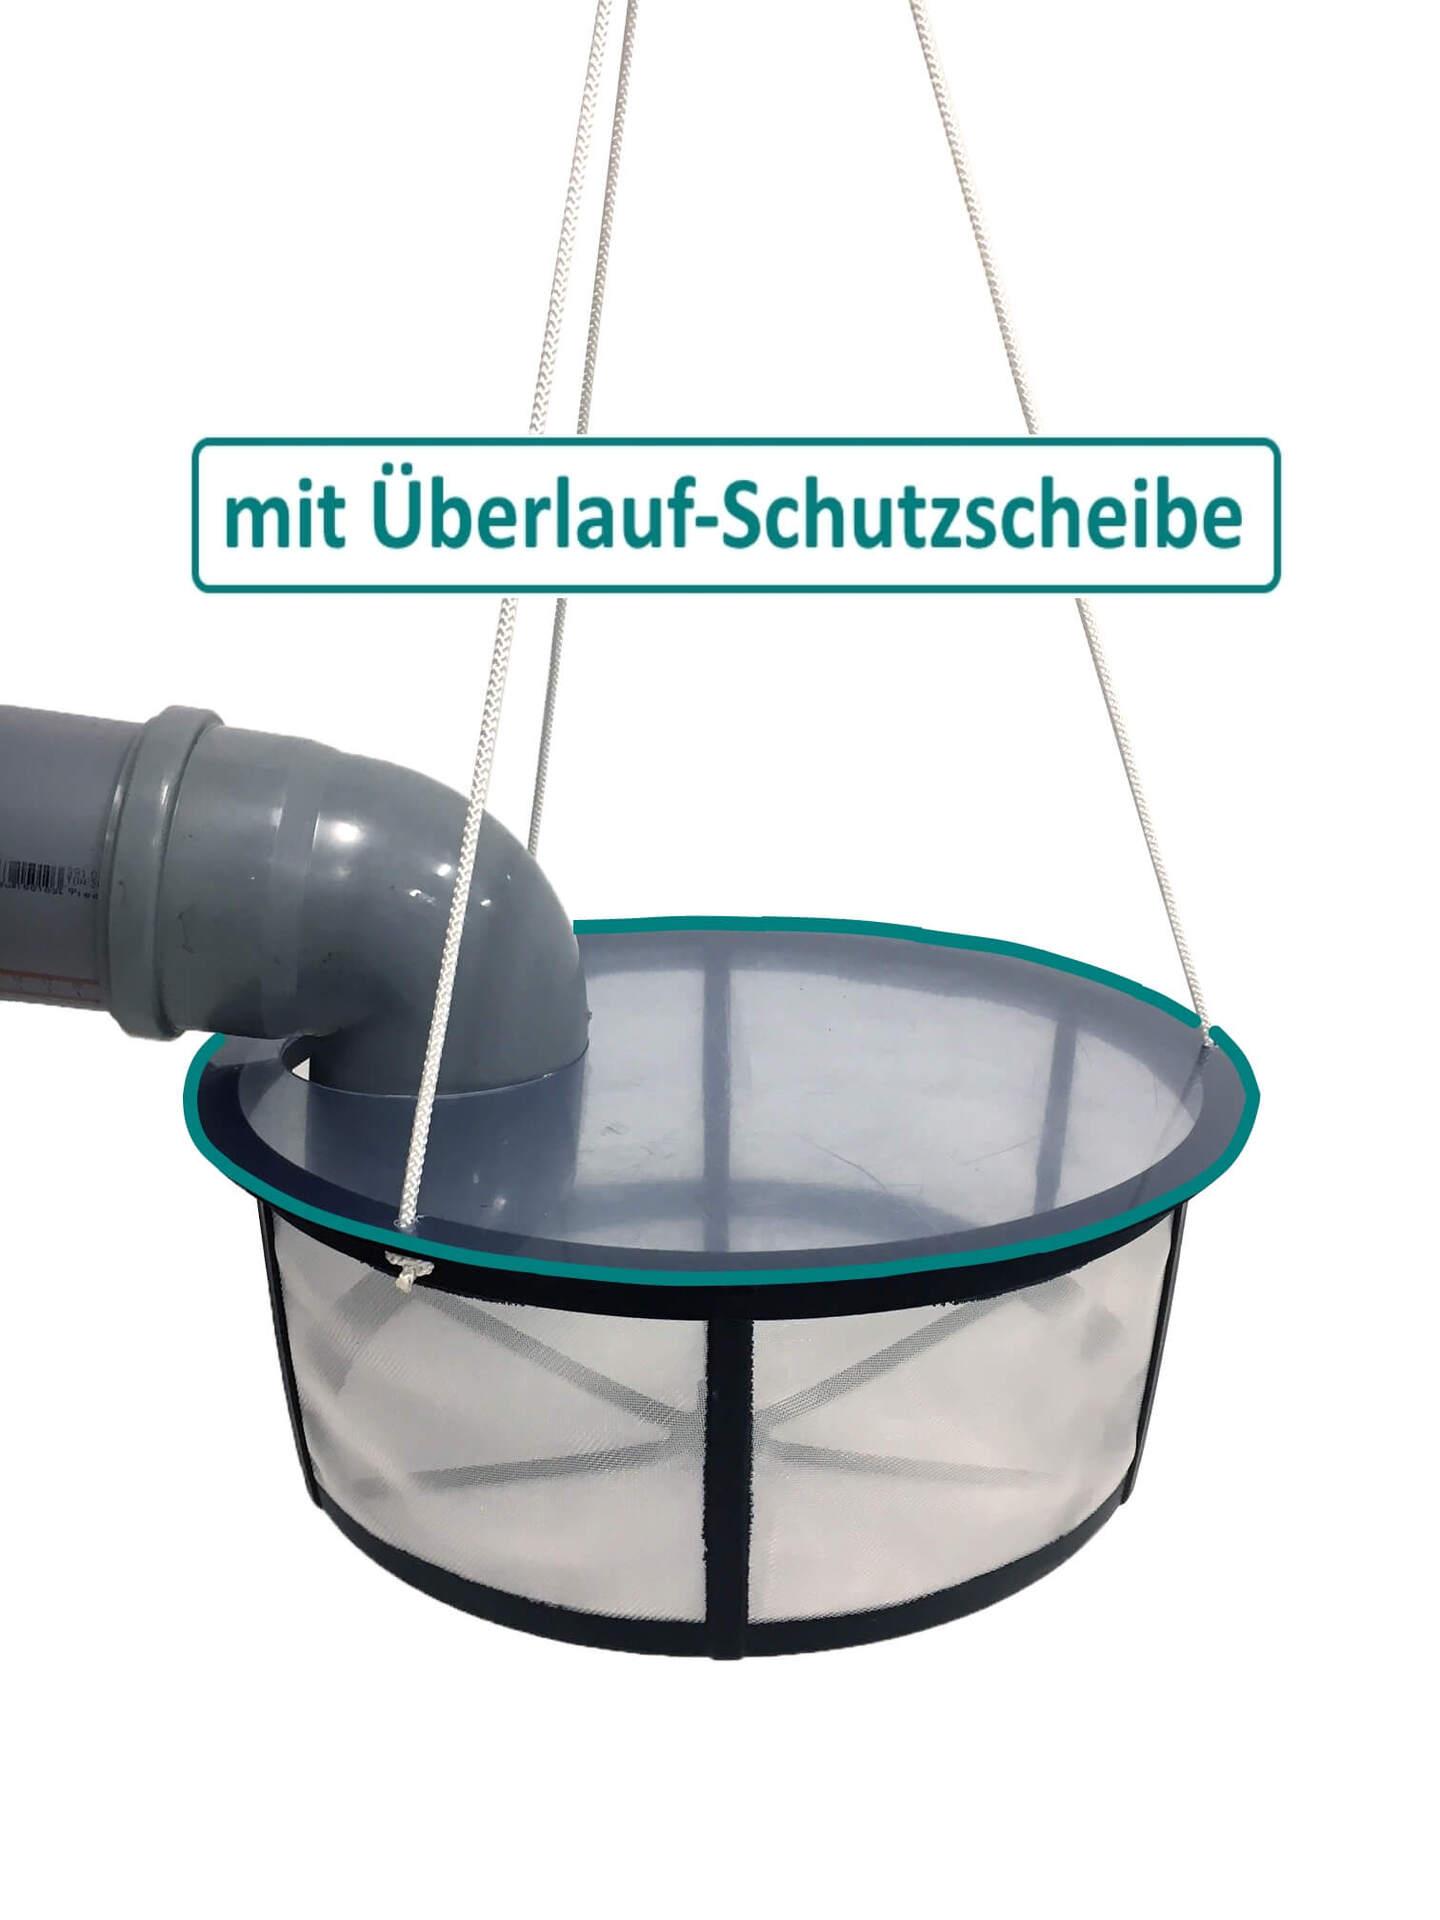 FKZEProtect-freigestellt-beschriftet-mitMarkierungzU14AmAPT0zYR